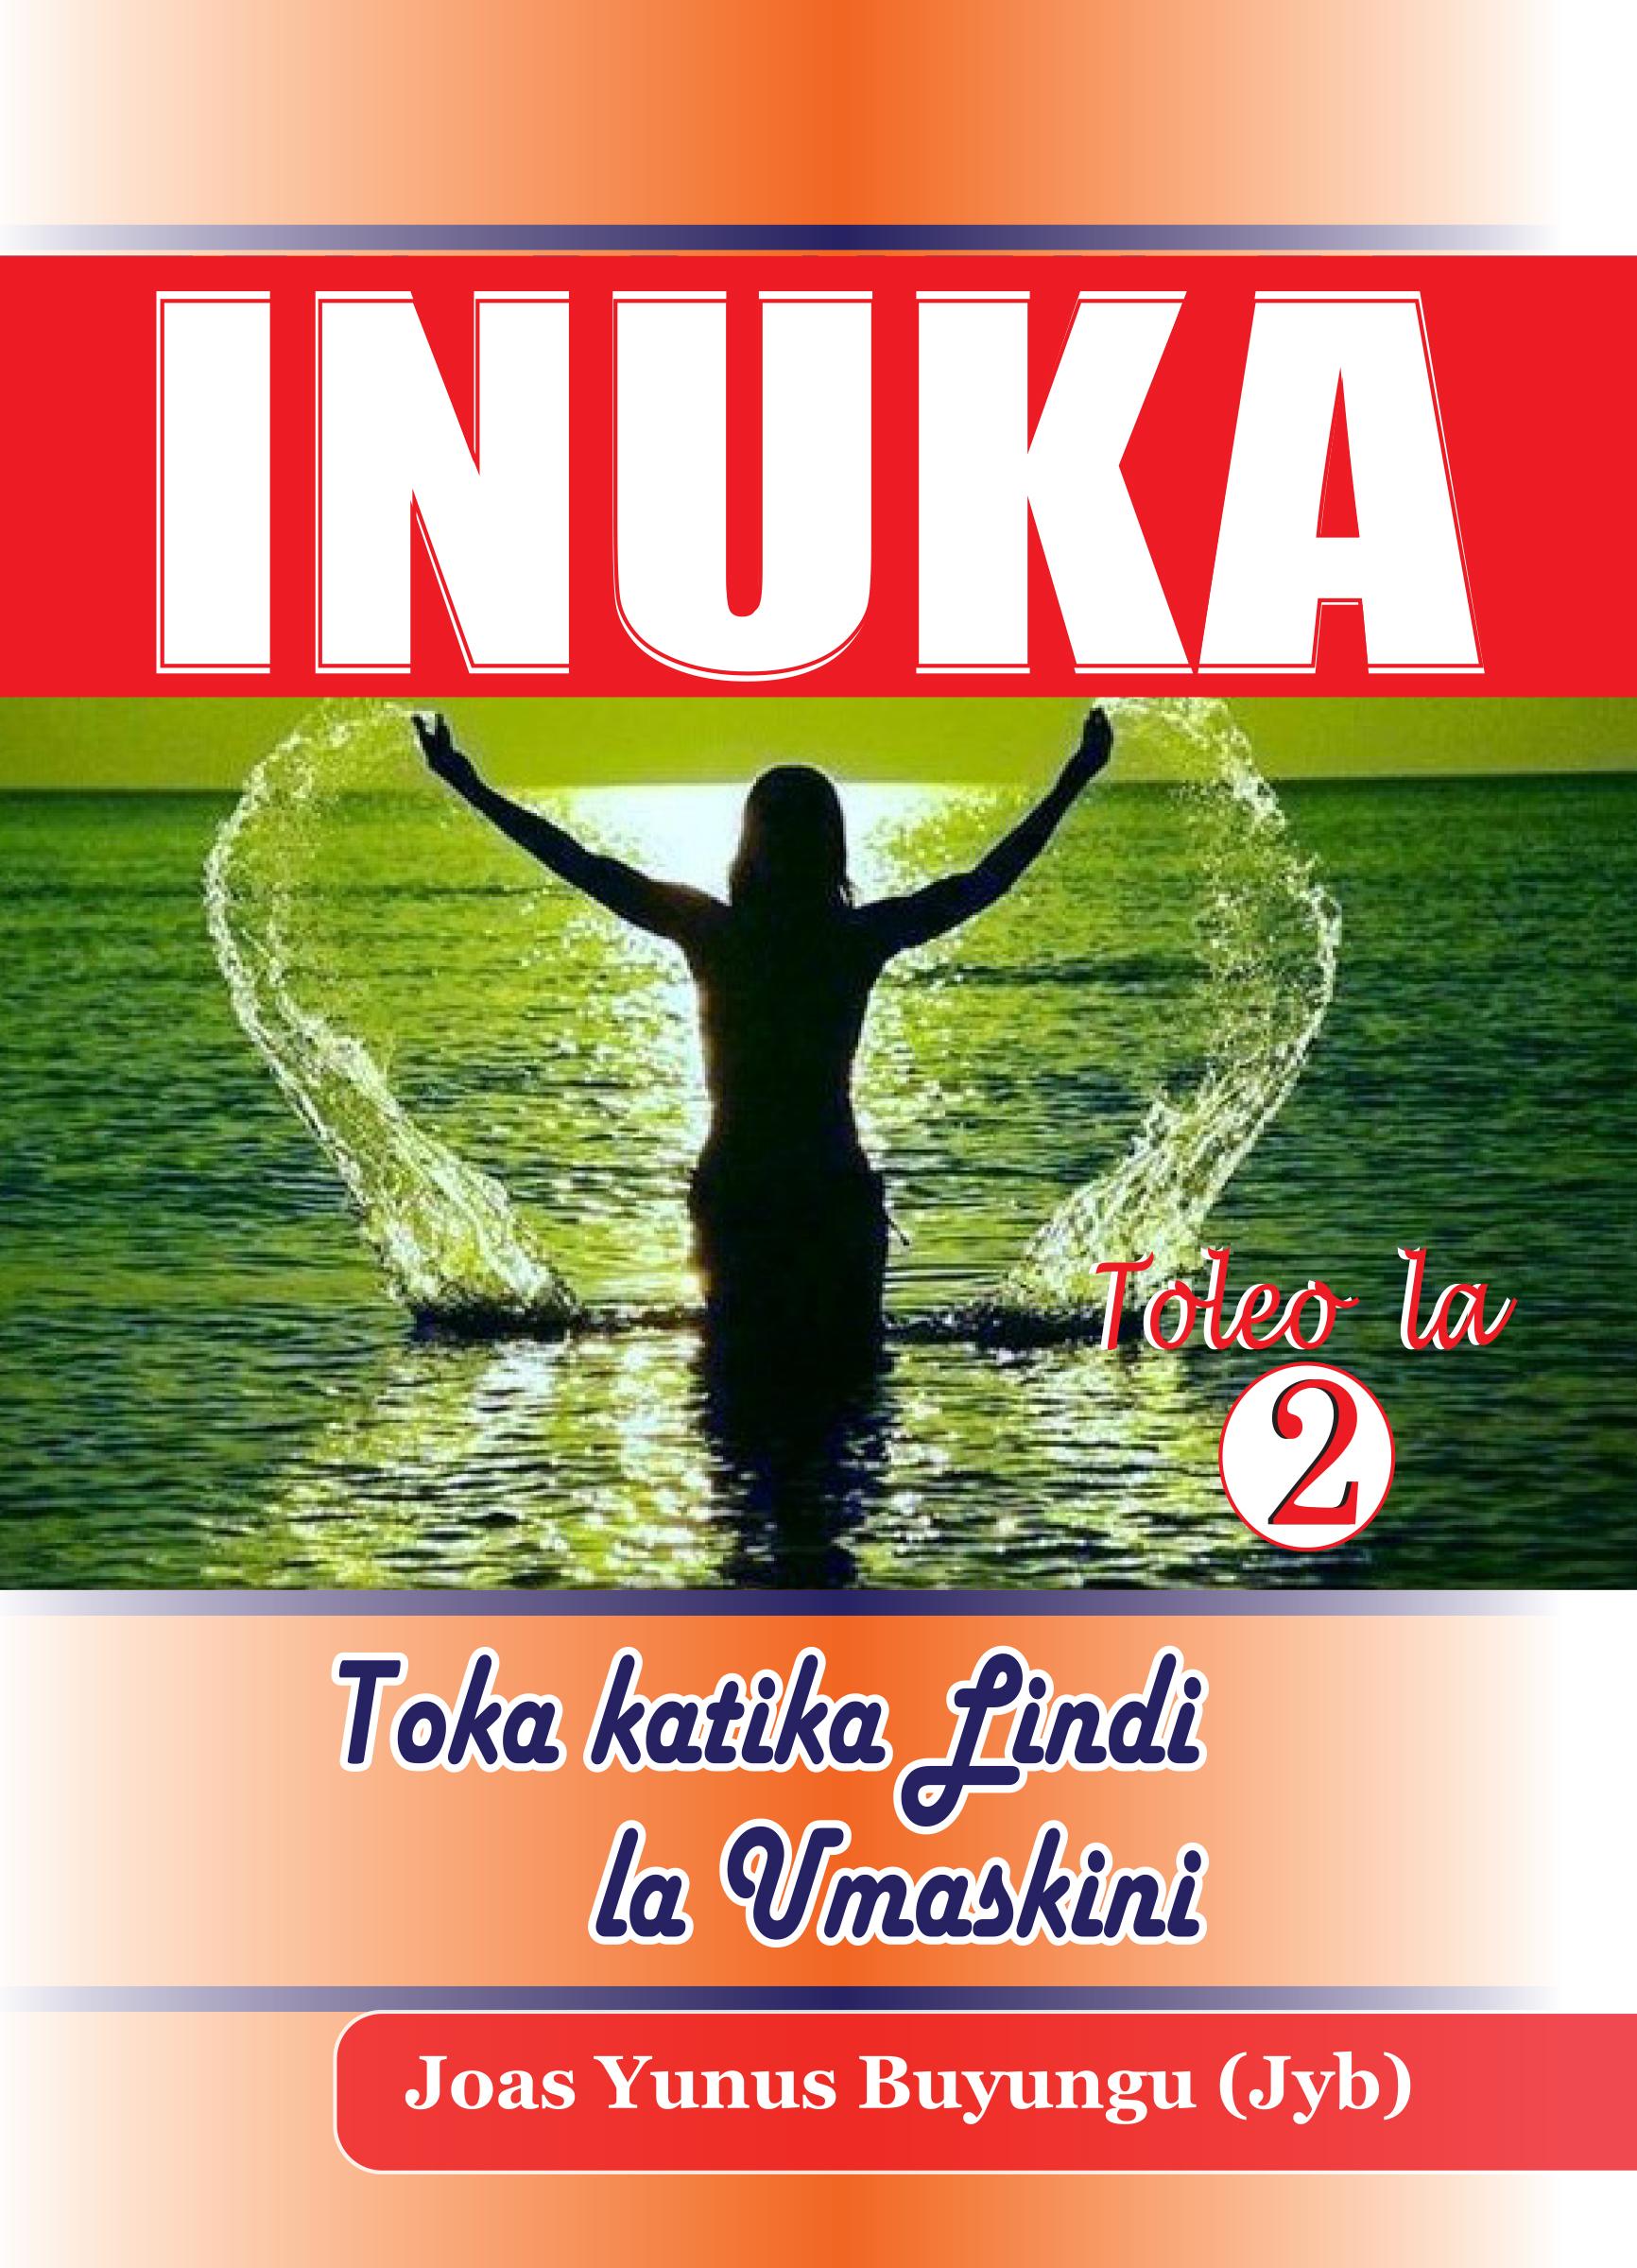 INUKA